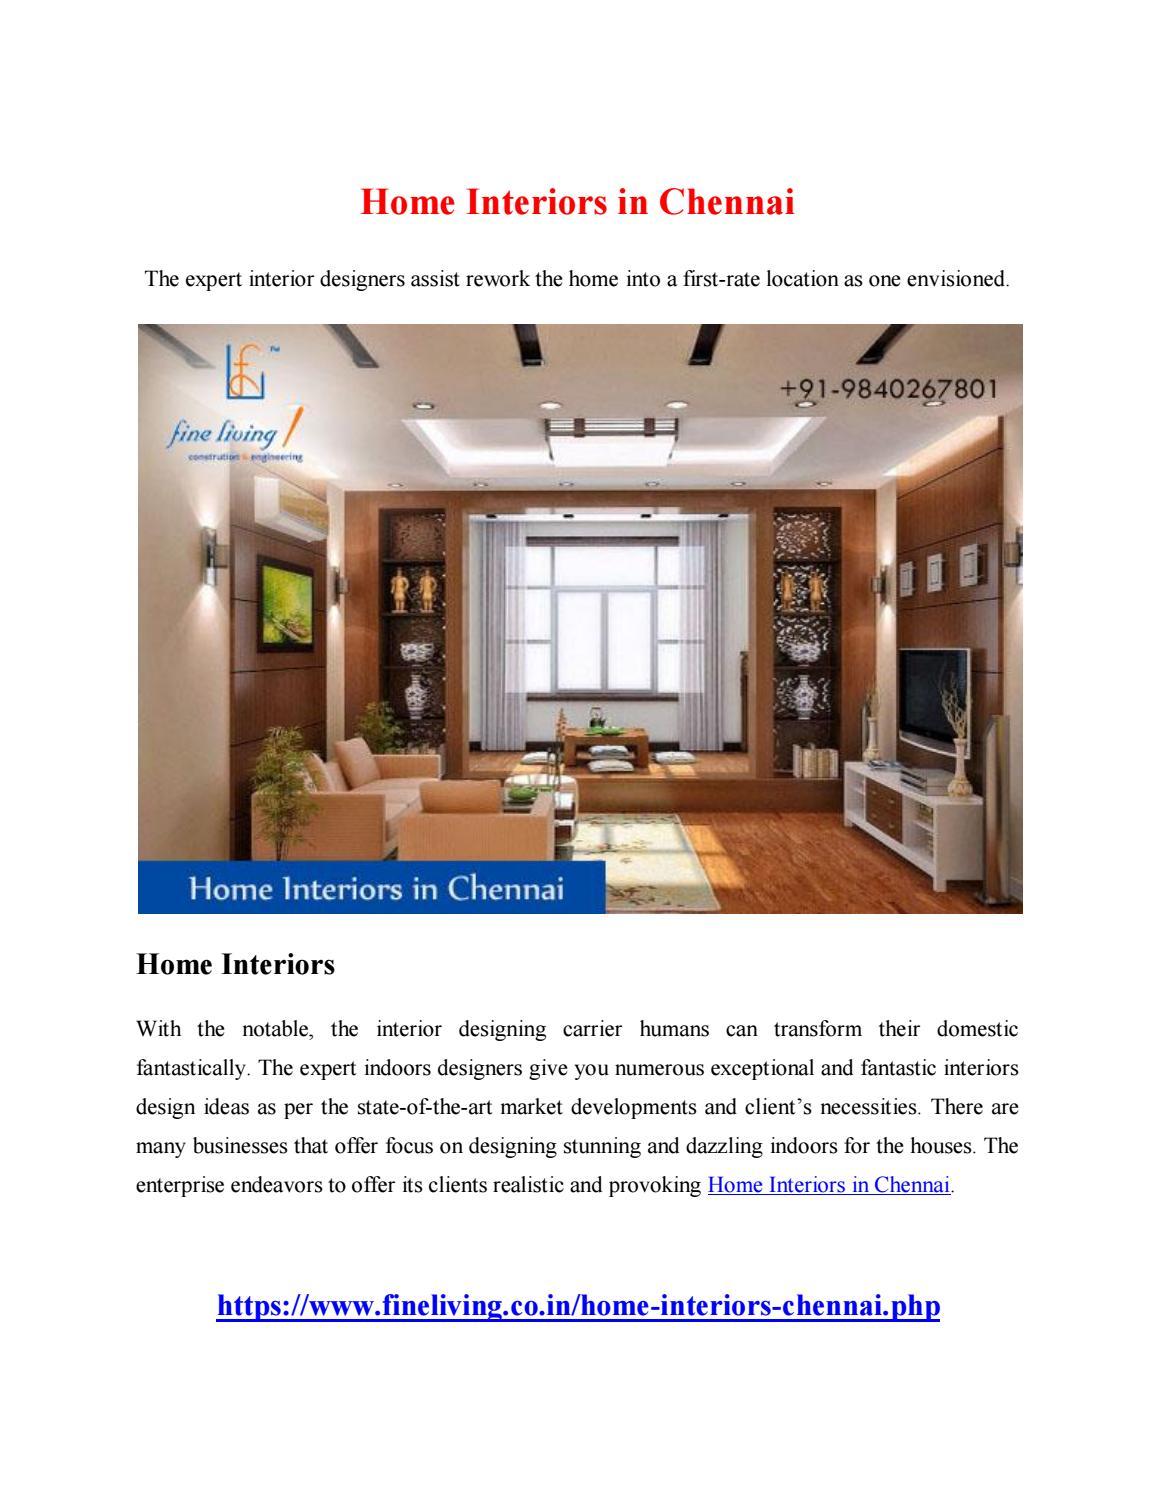 Home Interiors in Chennai by yandex2701 - issuu